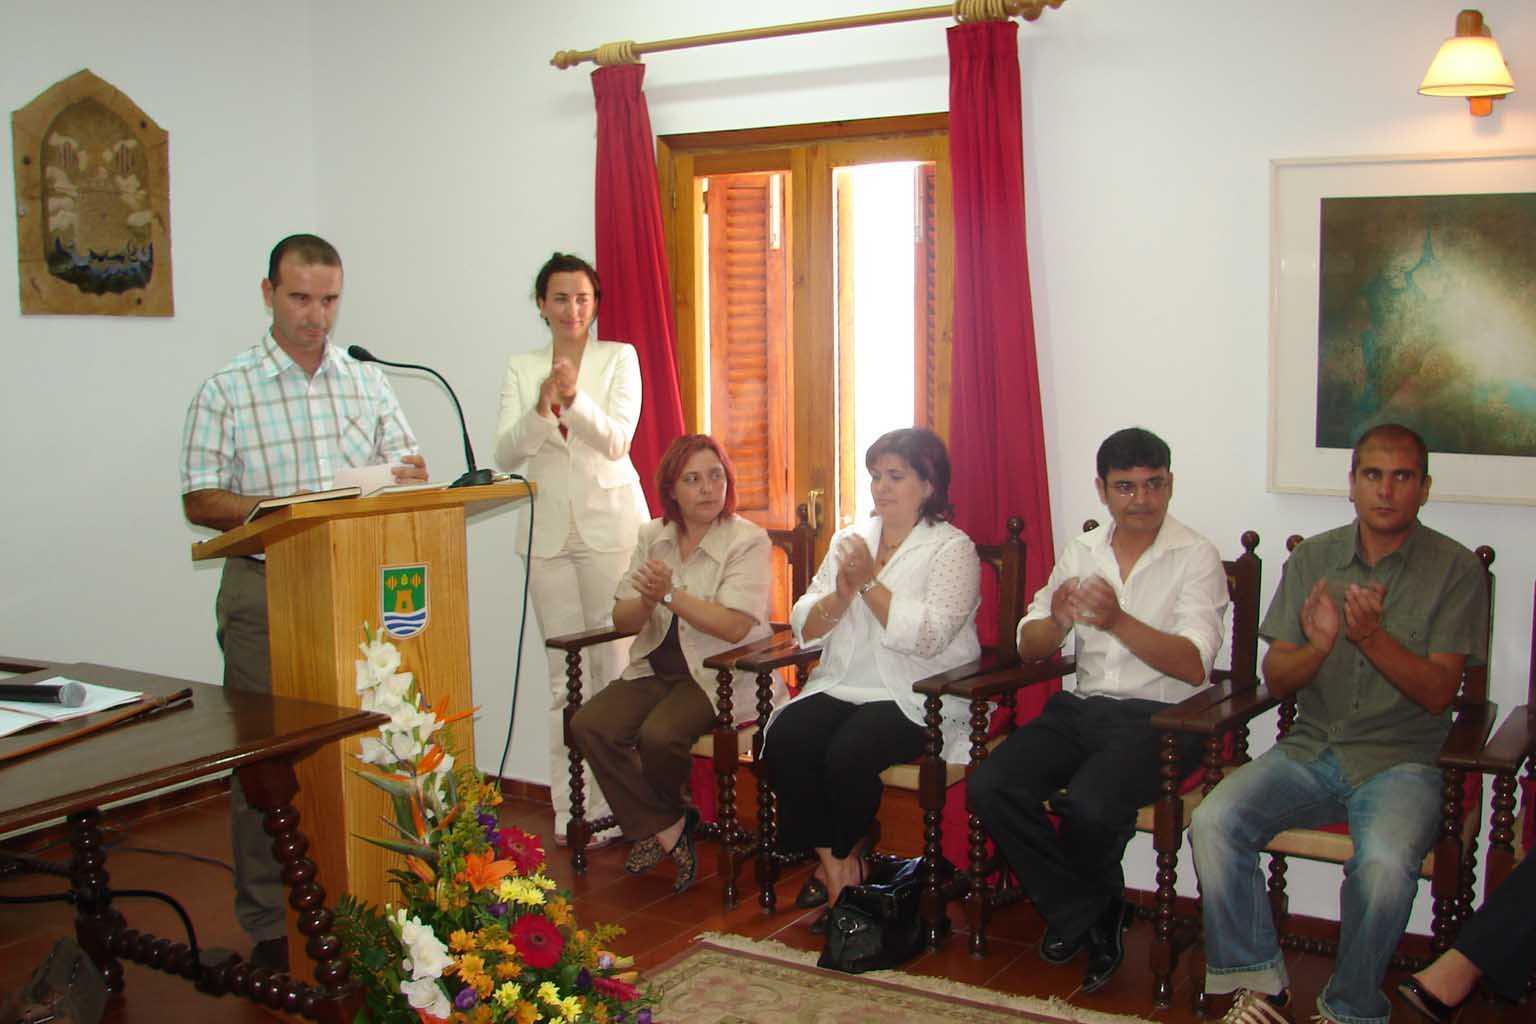 Jaume Ferrer, nuevo presidente del Consell de Formentera en 2007. C.C.